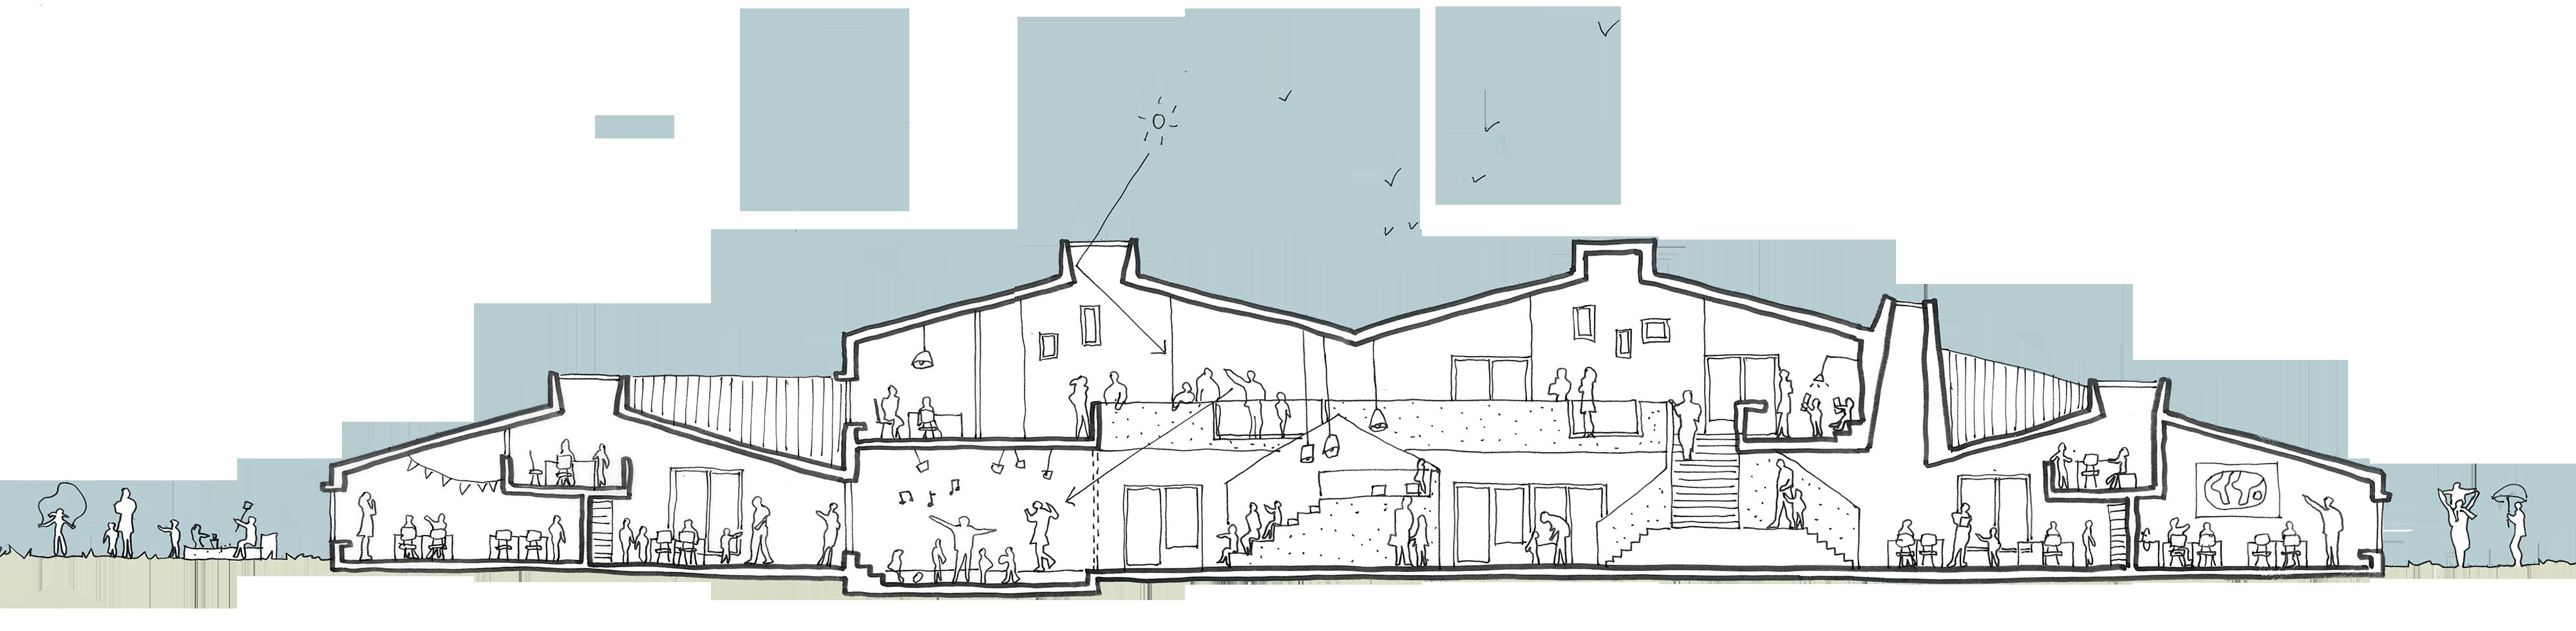 De Twingel Community School 5